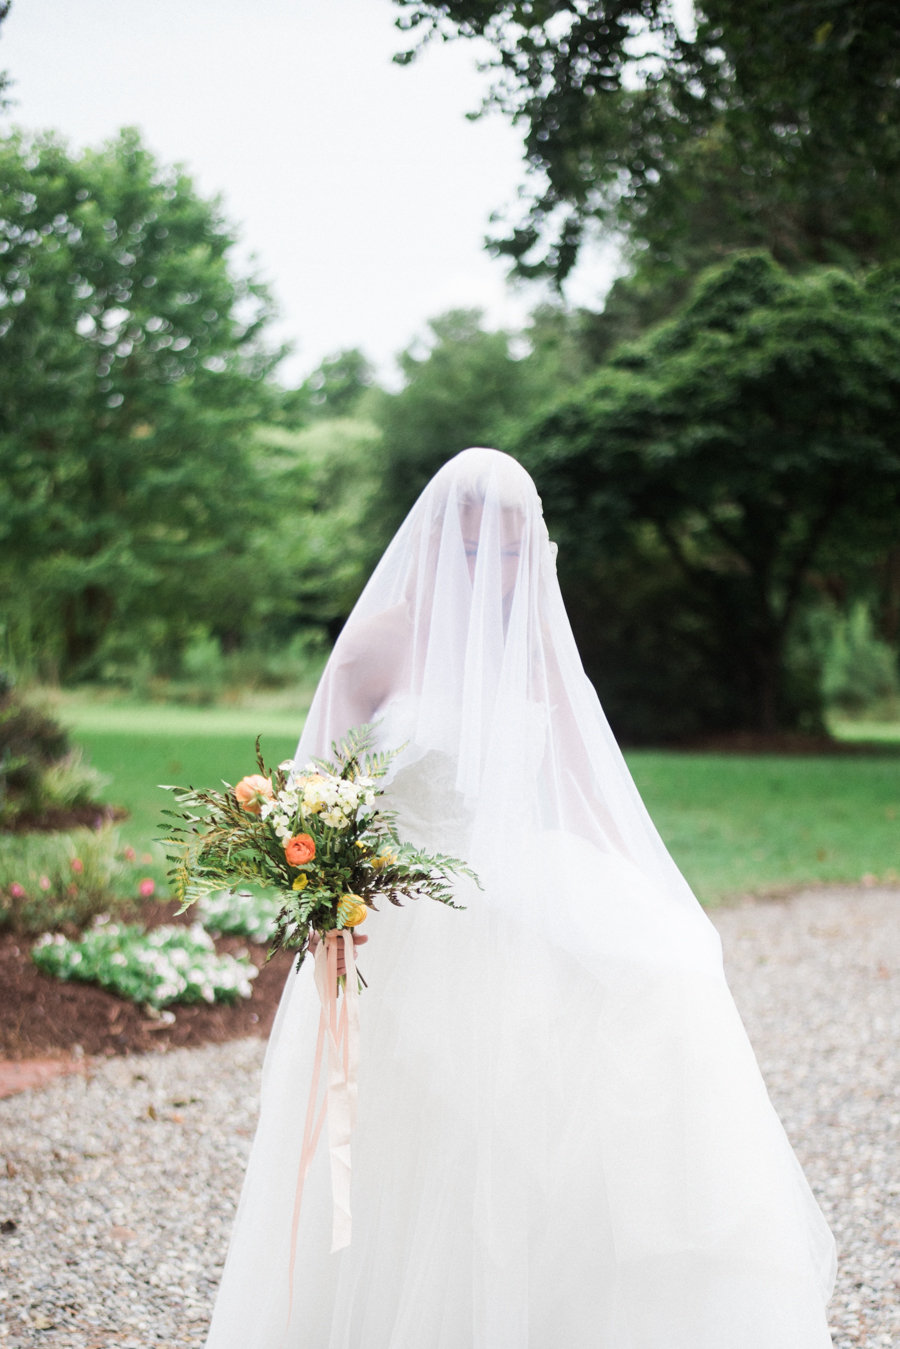 Southern Bride at The Palo Alto Plantation Wedding Venue